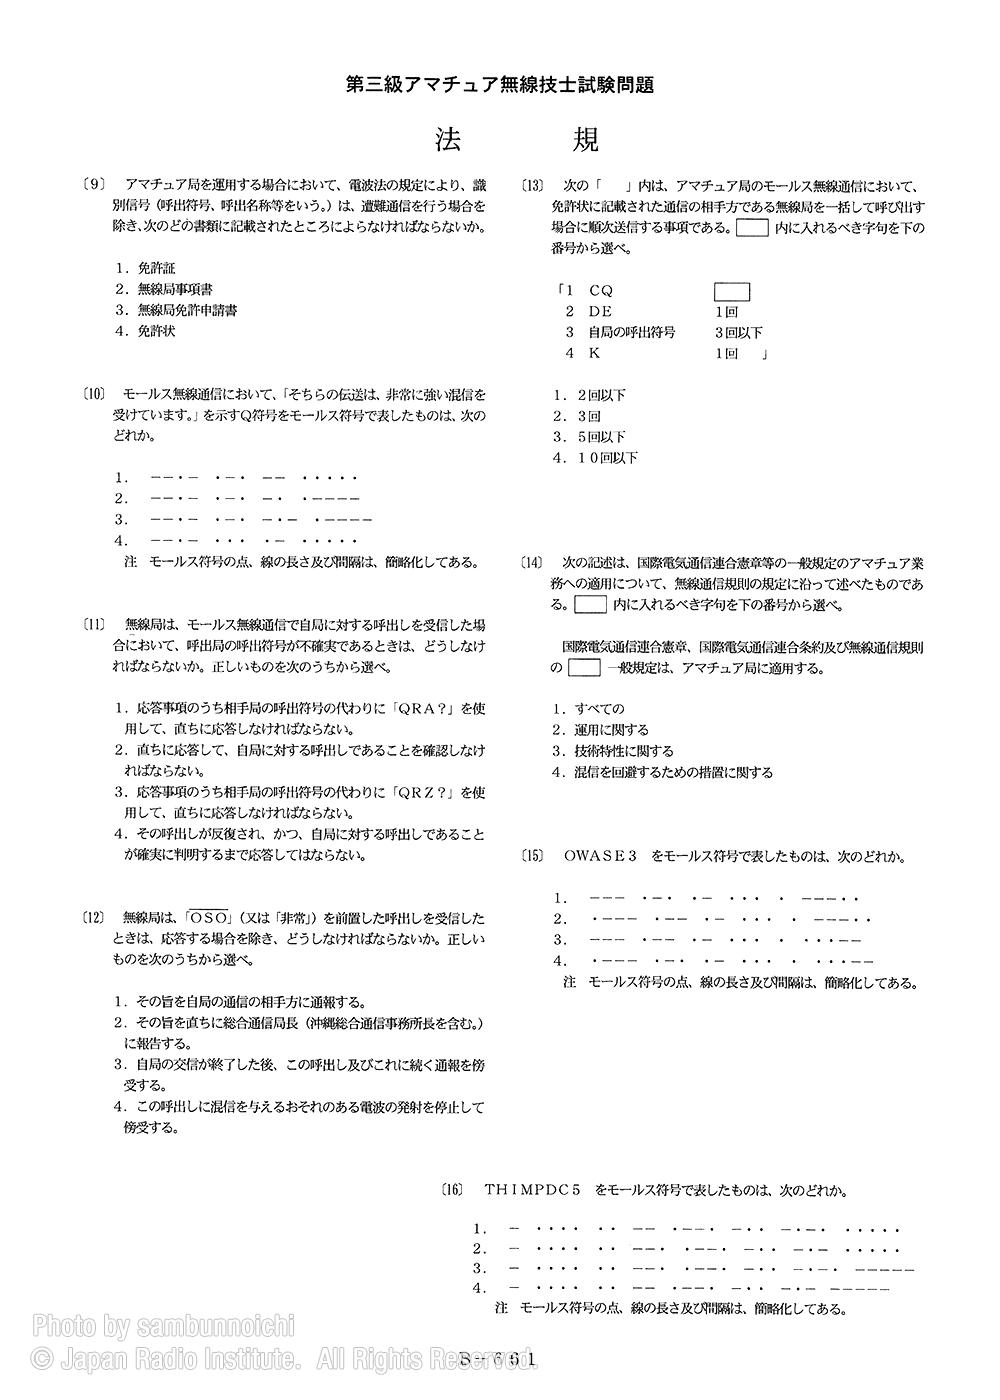 法規2|試験問題②|第三級アマチュア無線技士